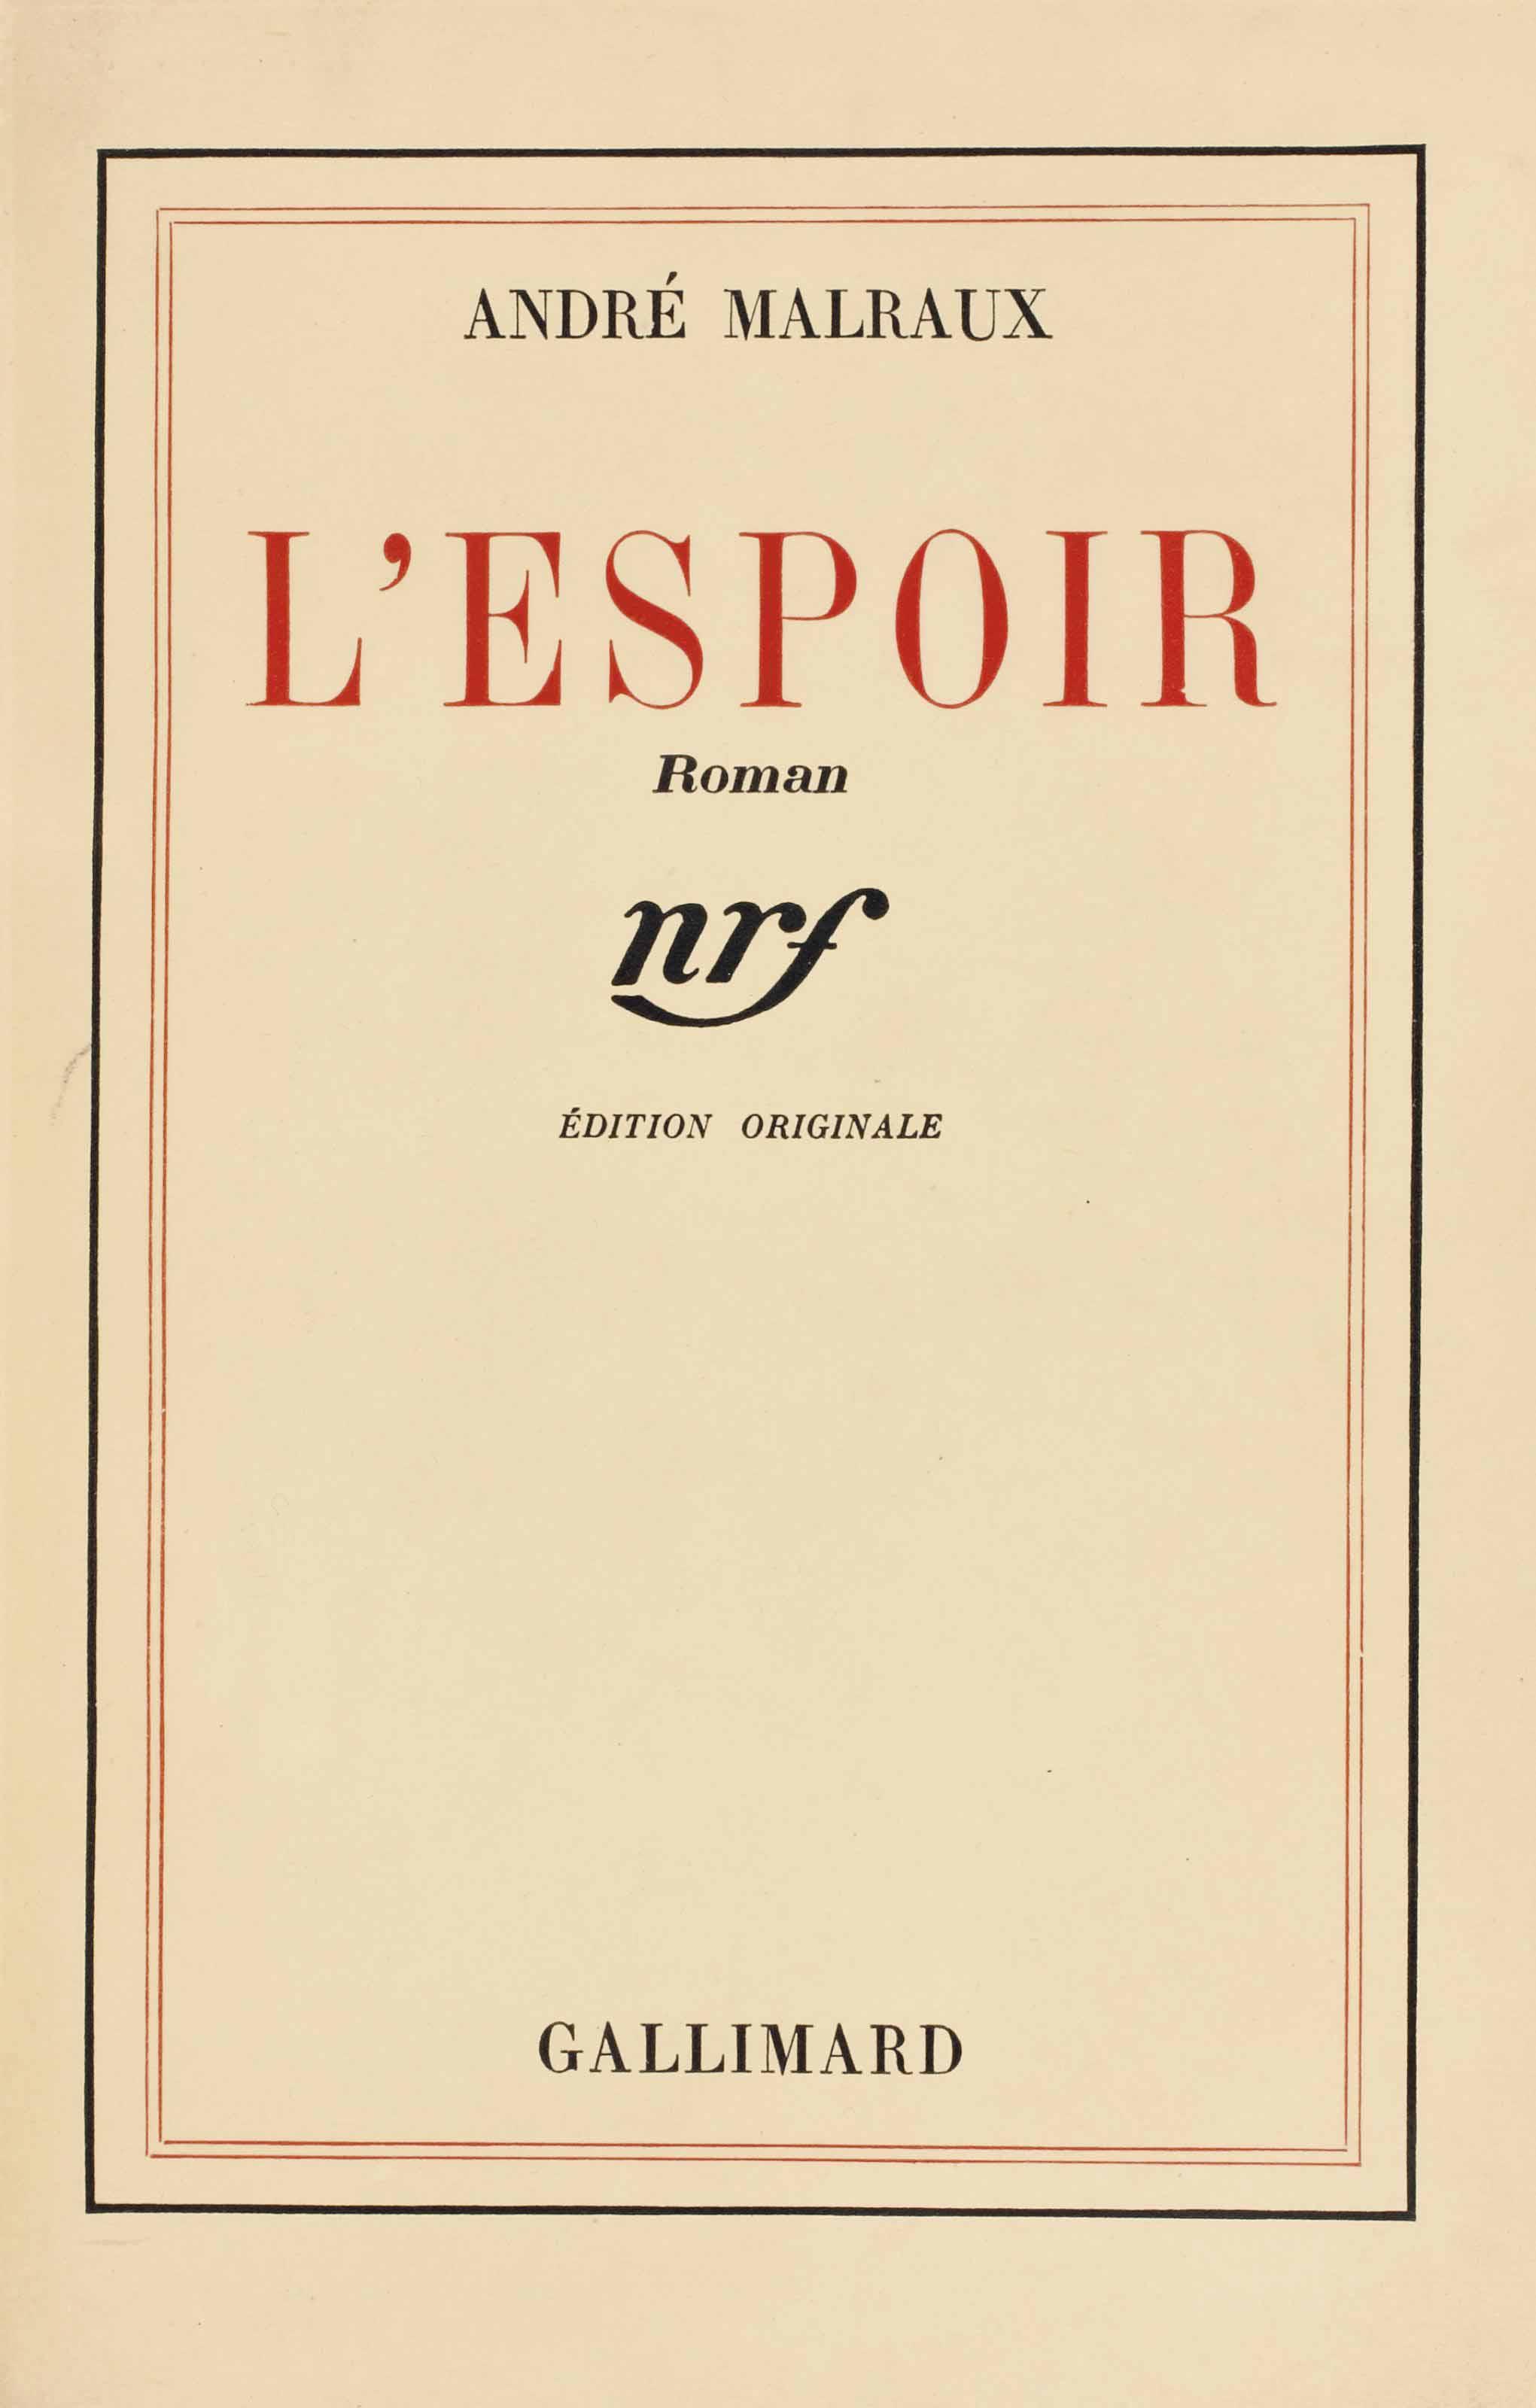 MALRAUX, André (1901-1976). Réunion de deux ouvrages en ÉDITION ORIGINALE.